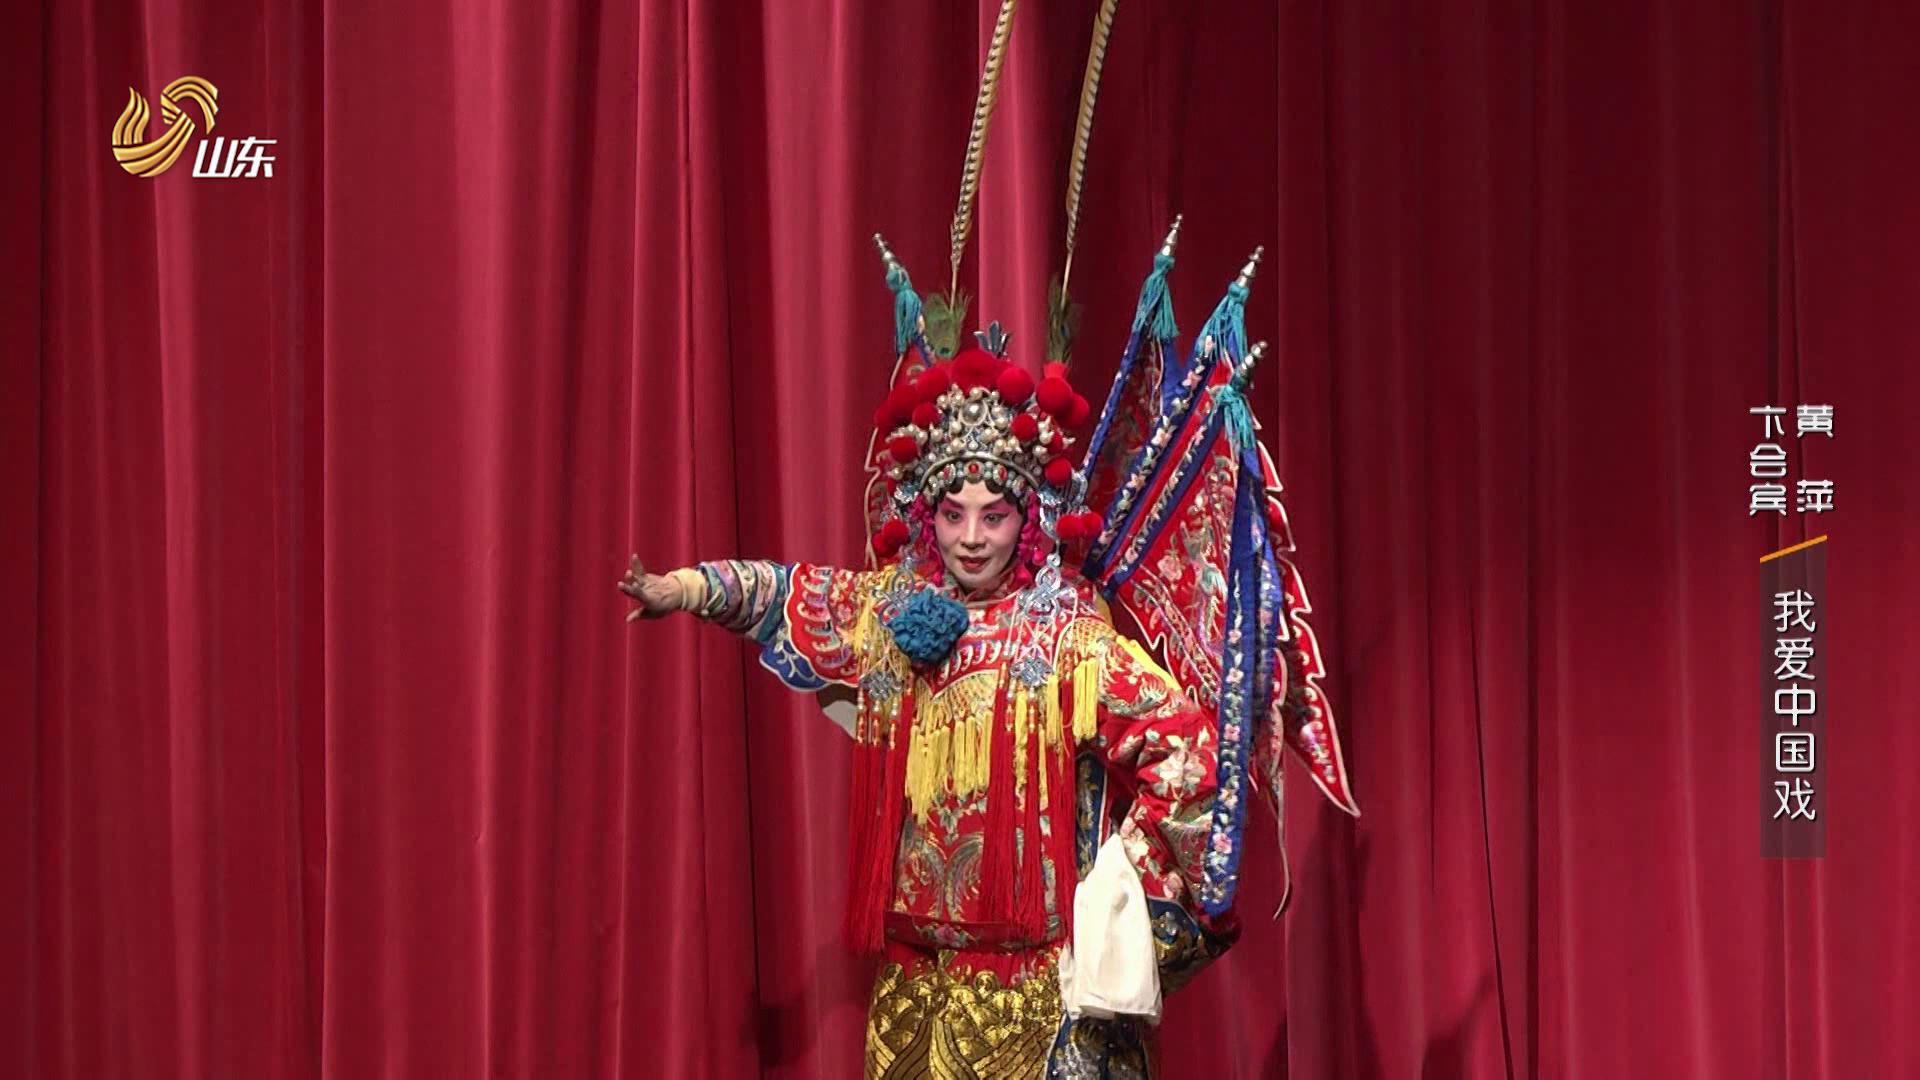 卞会宾 黄萍:我爱中国戏